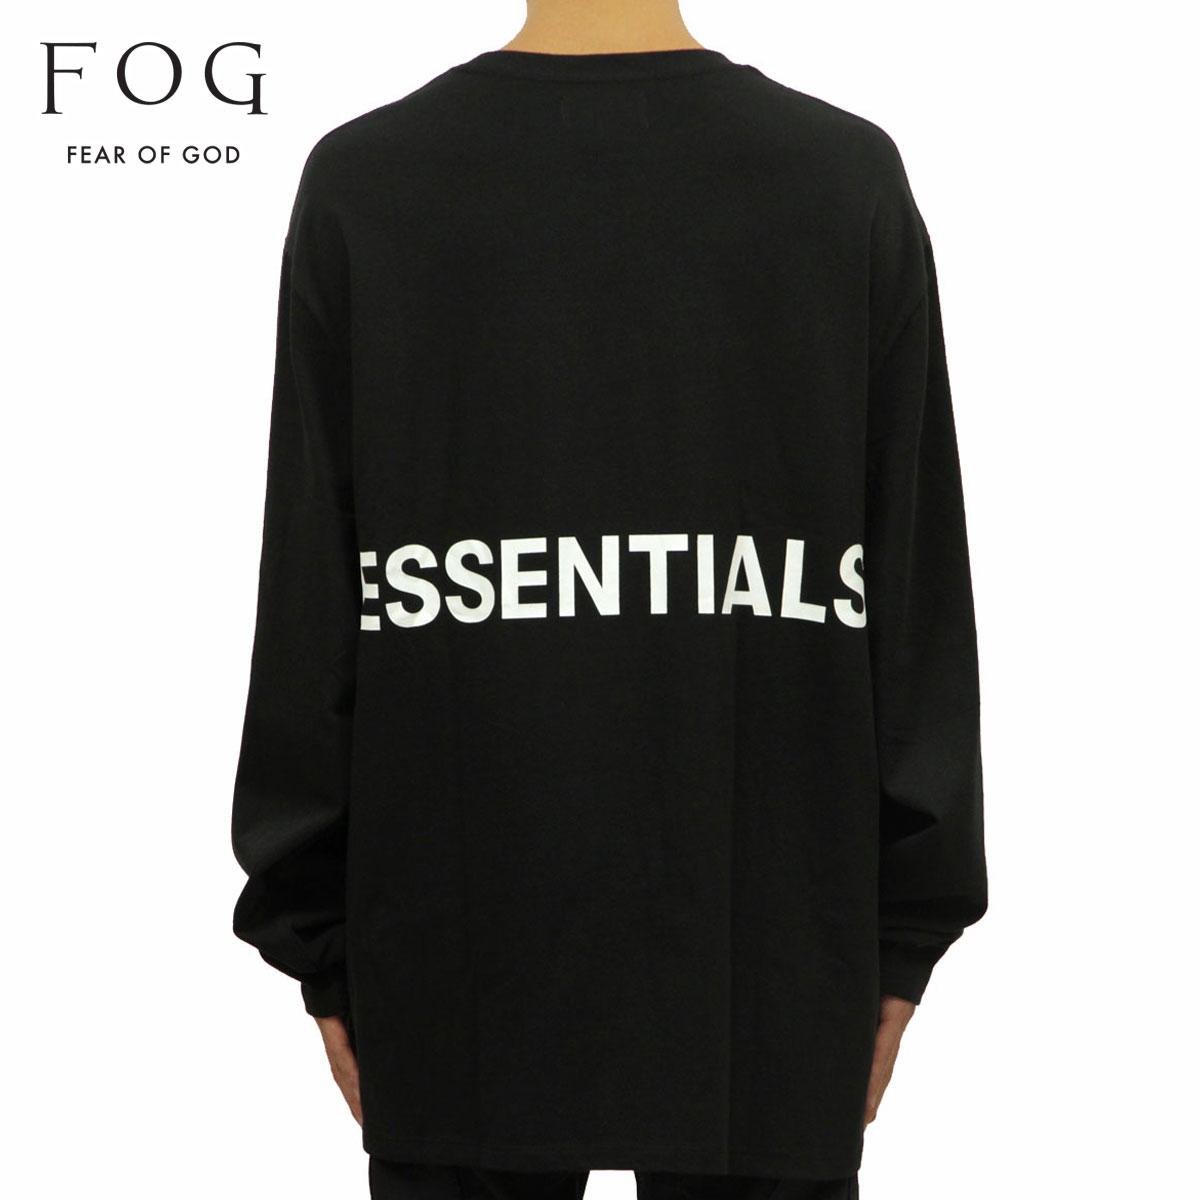 トップス, Tシャツ・カットソー  T FEAR OF GOD T FOG - FEAR OF GOD ESSENTIALS BOXY GRAPHIC LONG SLEEVE T-SHIRT BLACK